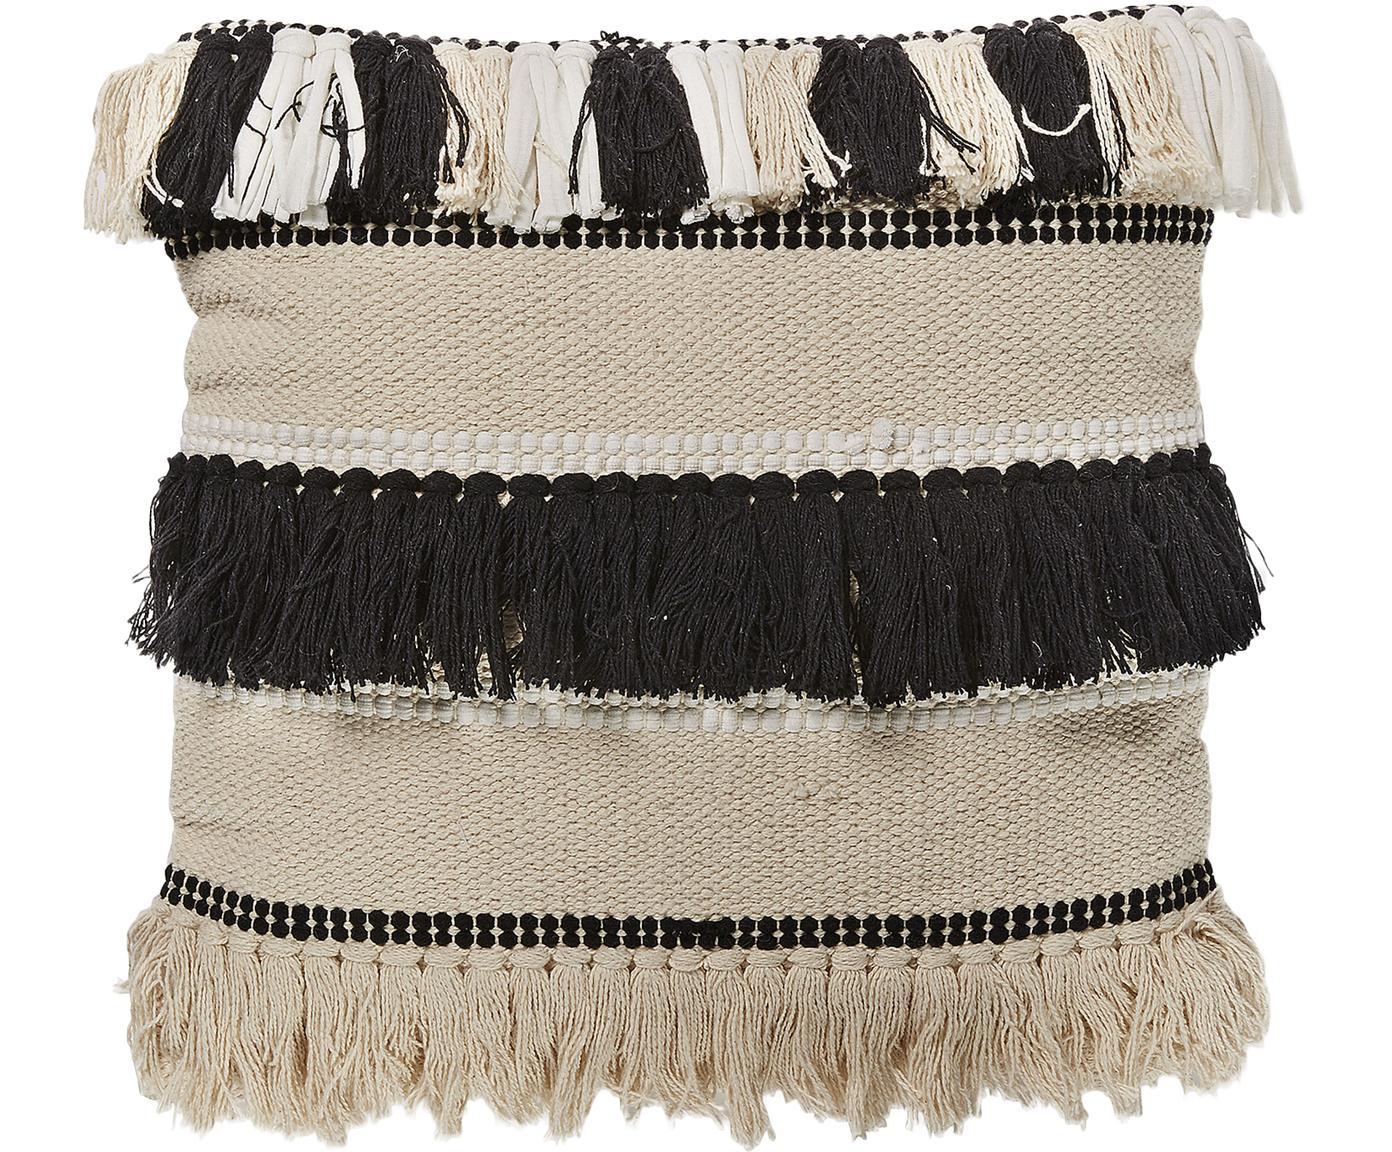 Poszewka na poduszkę z frędzlami  Franny, Bawełna, Biały, ecru, czarny, S 45 x D 45 cm